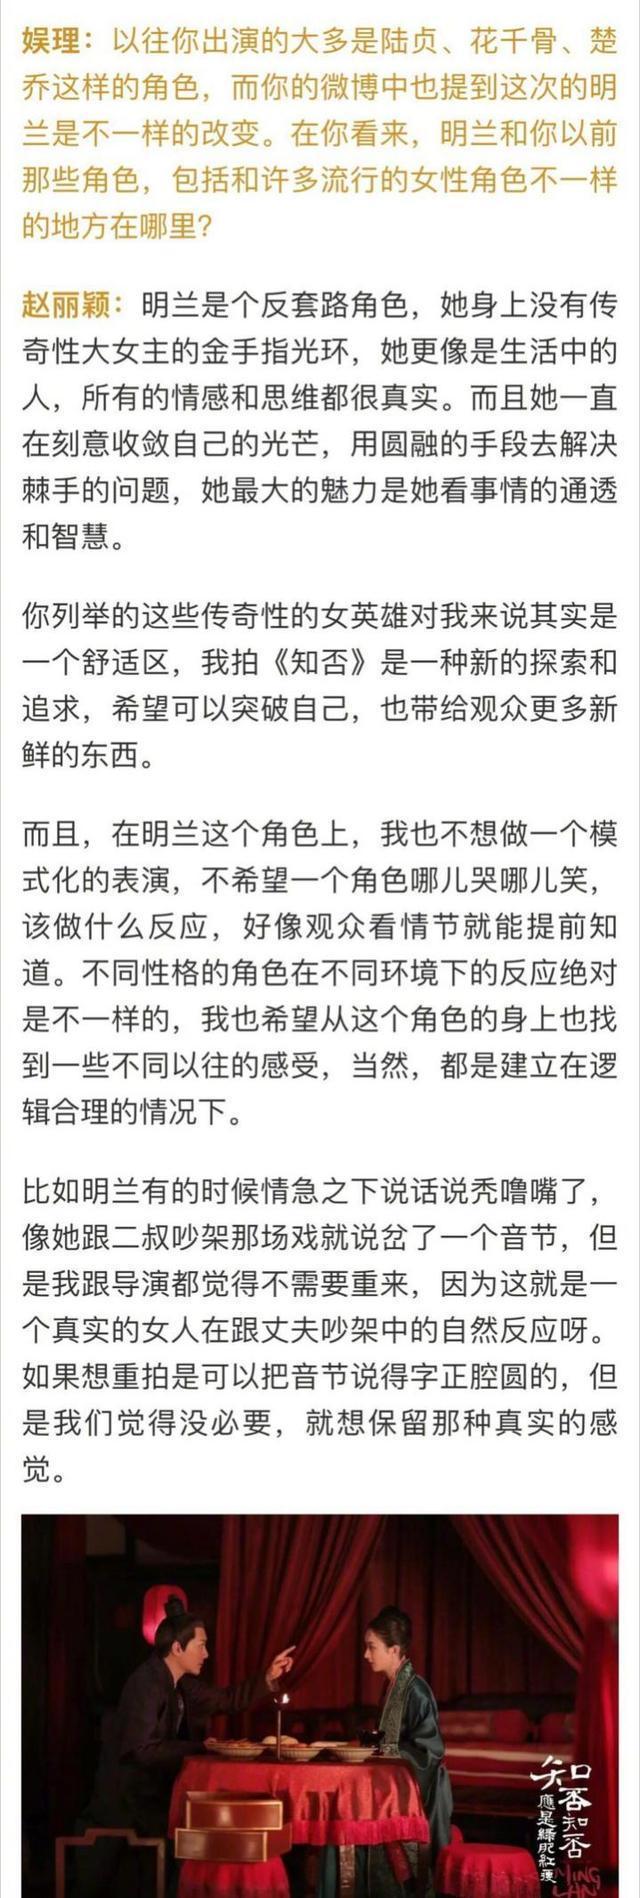 趙麗穎新劇演技被批,首次迴應不願按模板演戲,多少明星被打臉?